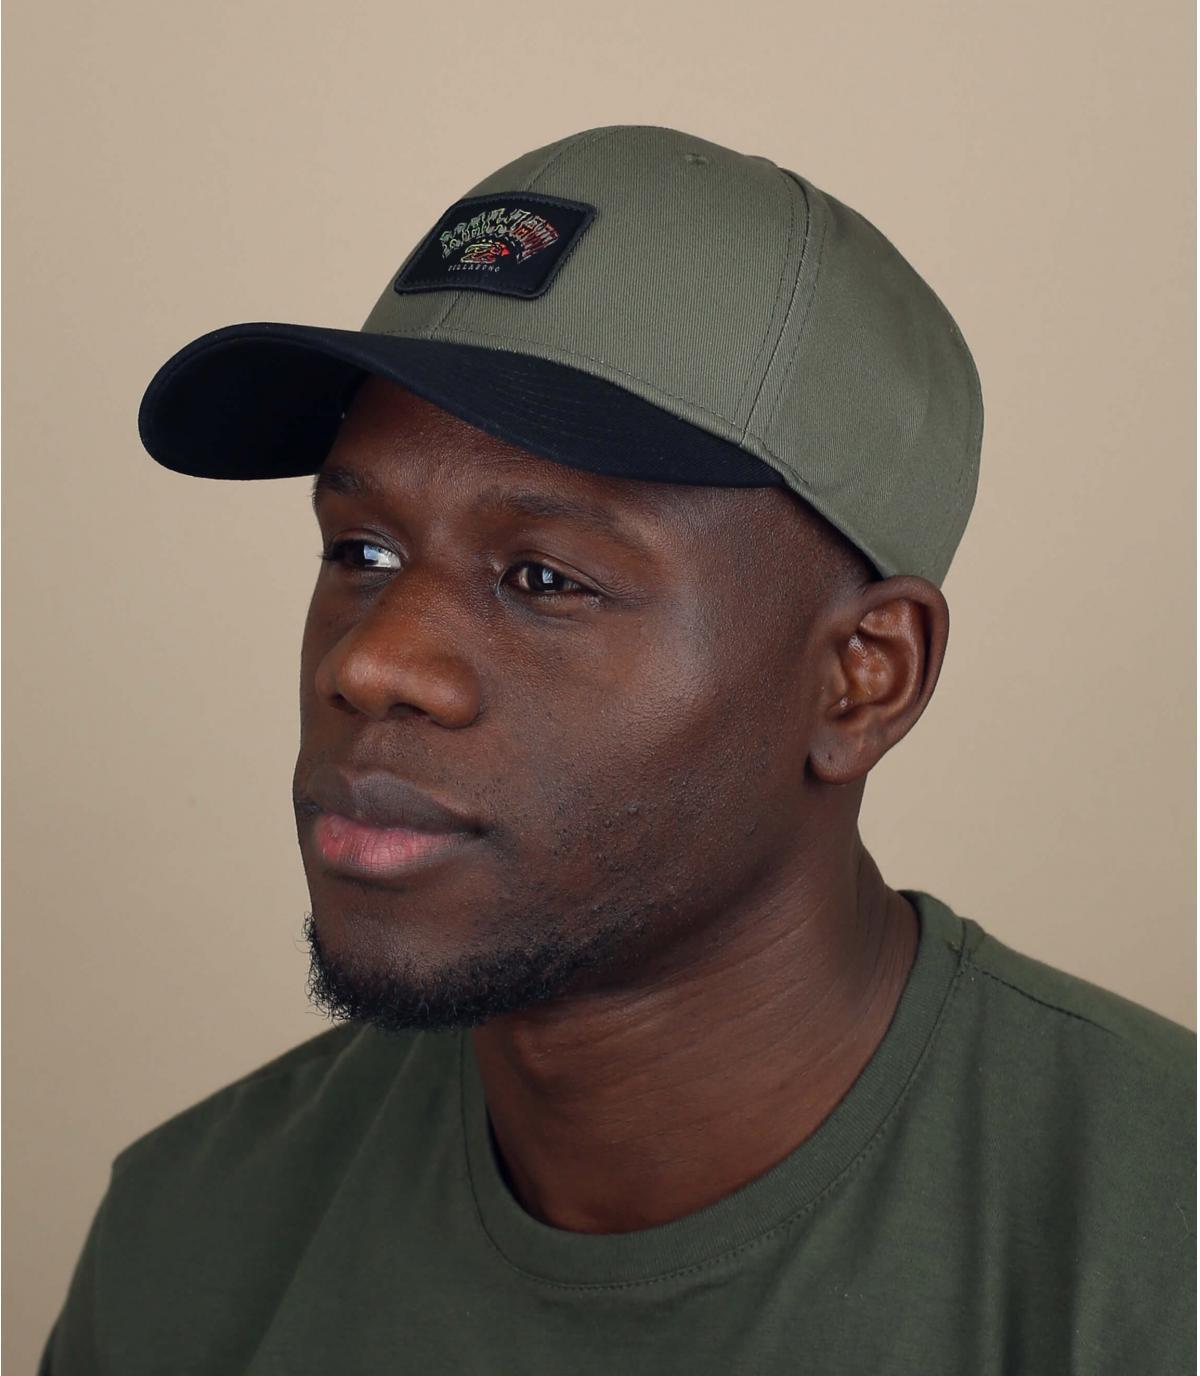 groene Billabong cap